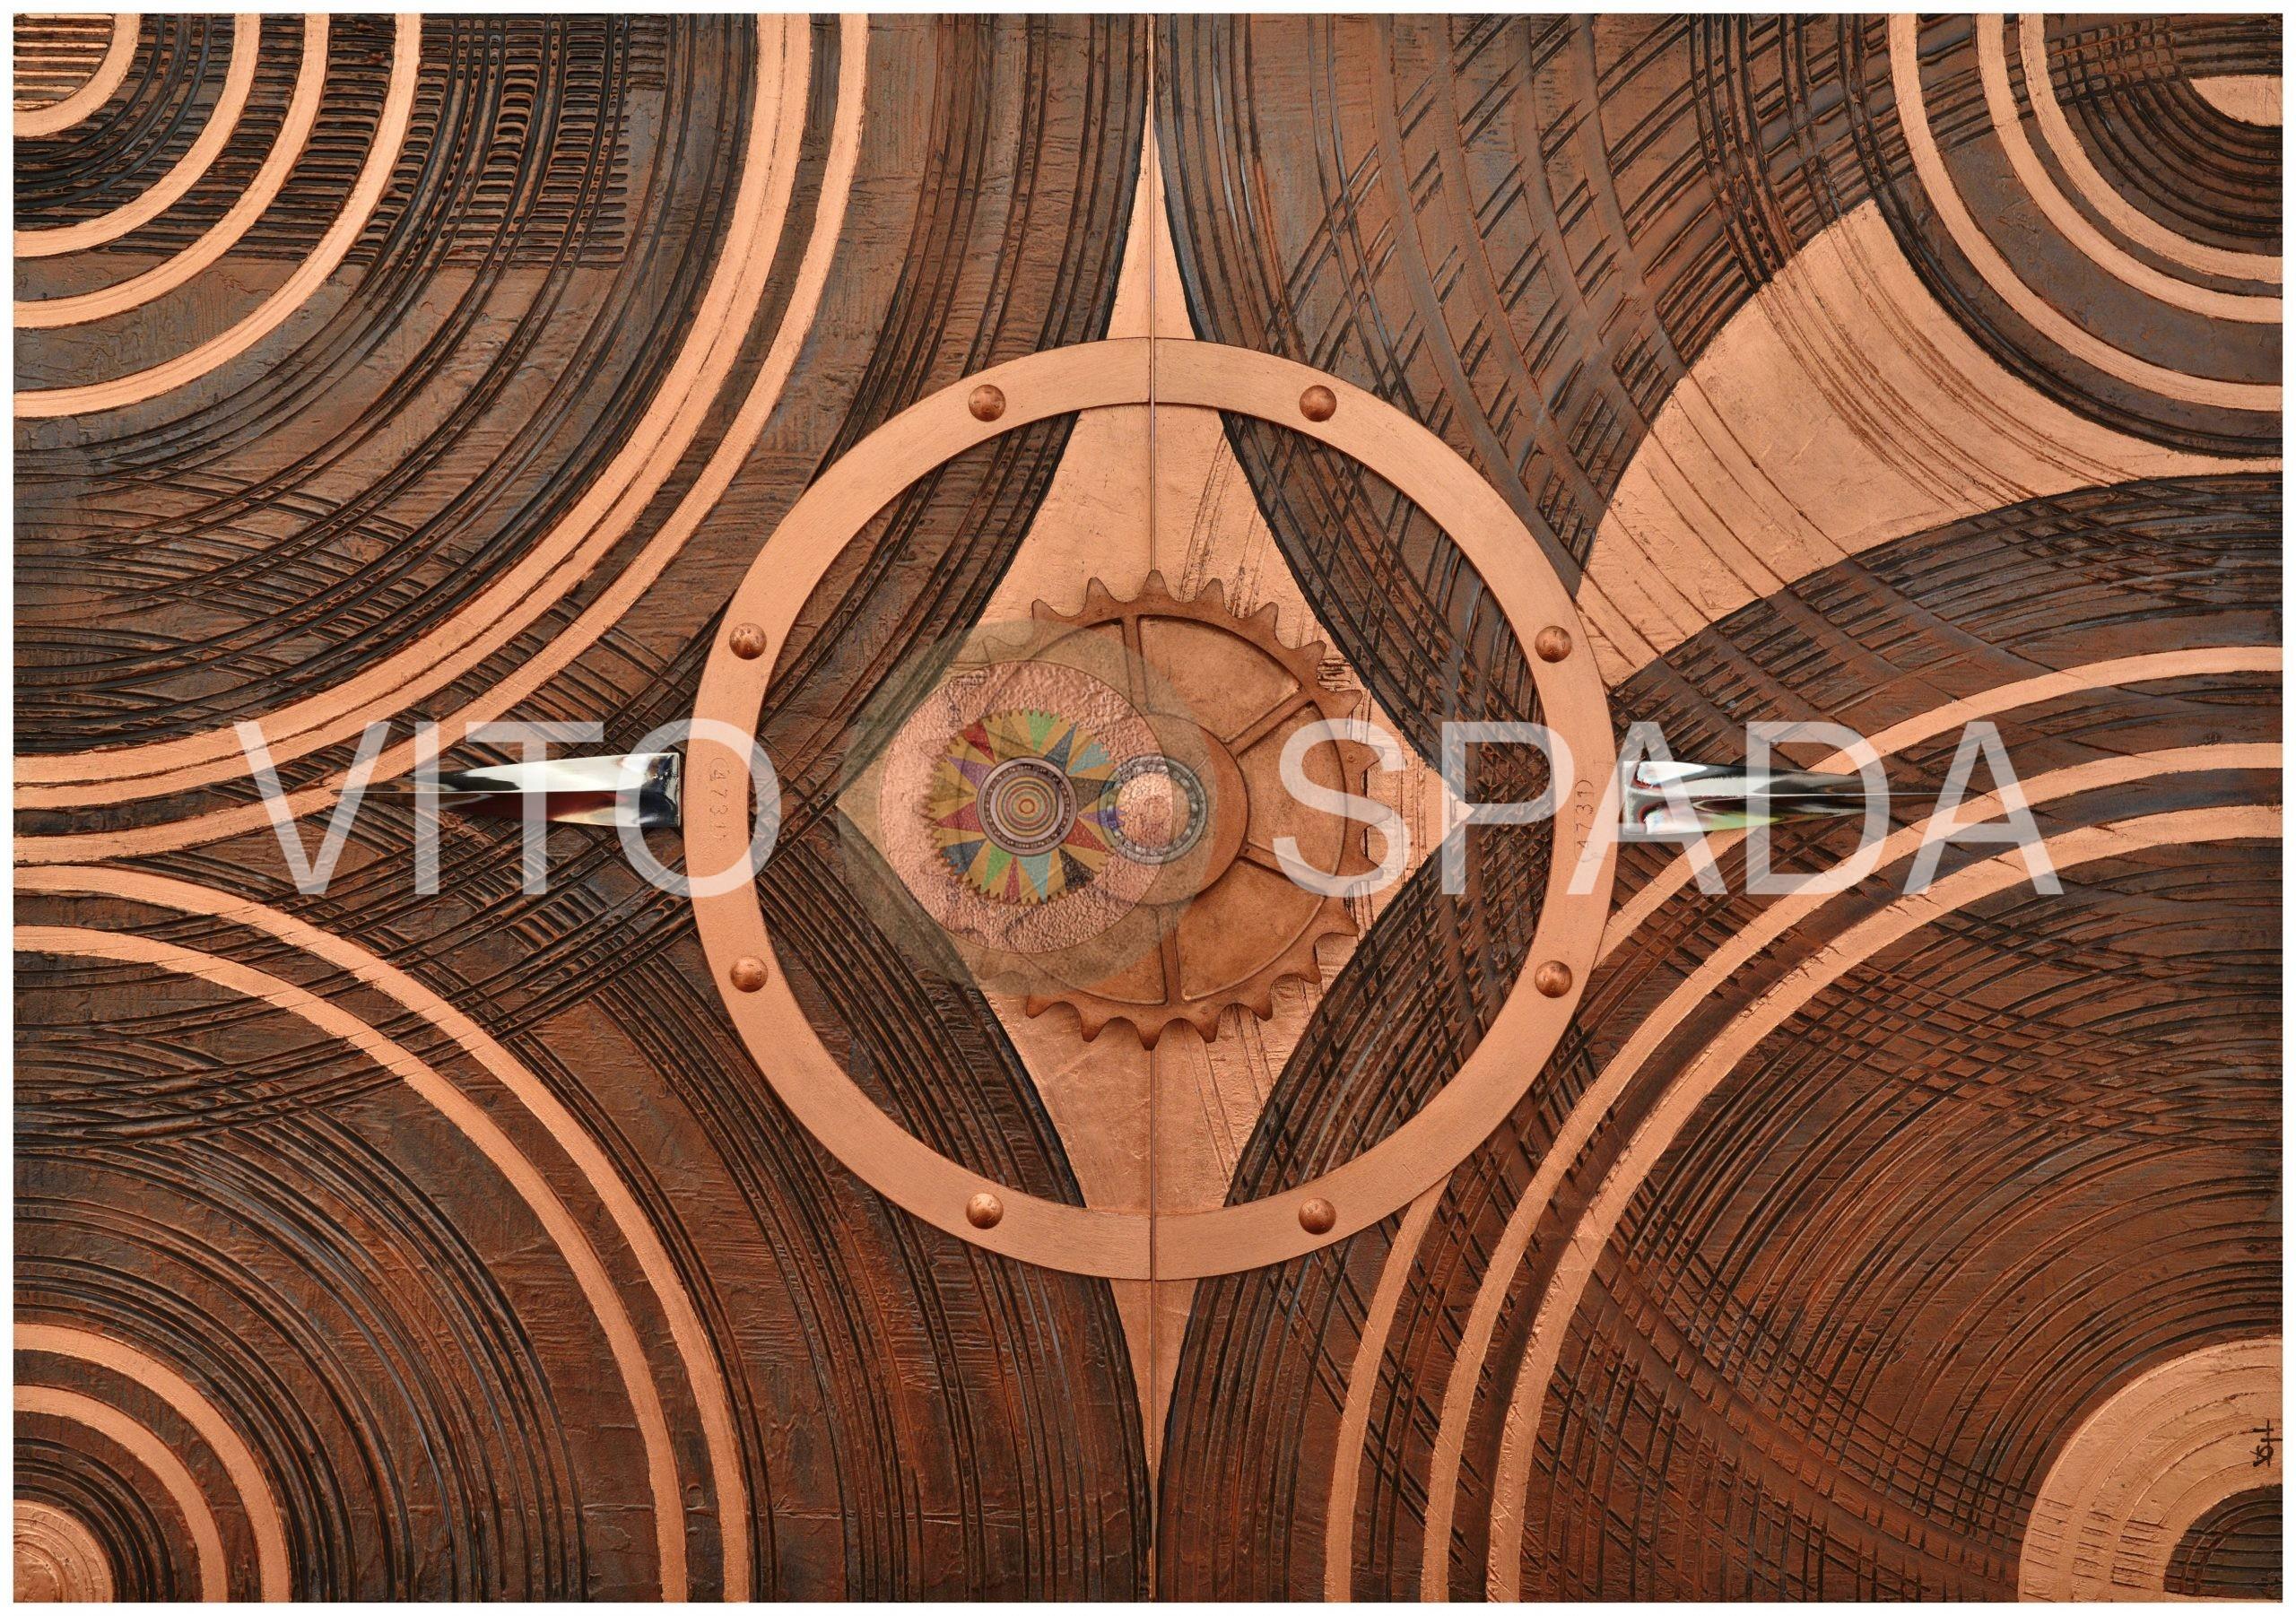 TUTTO NASCE DALLA MATERIA 5 - Polimaterico, stucco, acrilico, oglia rame su MDF, 70x100x4